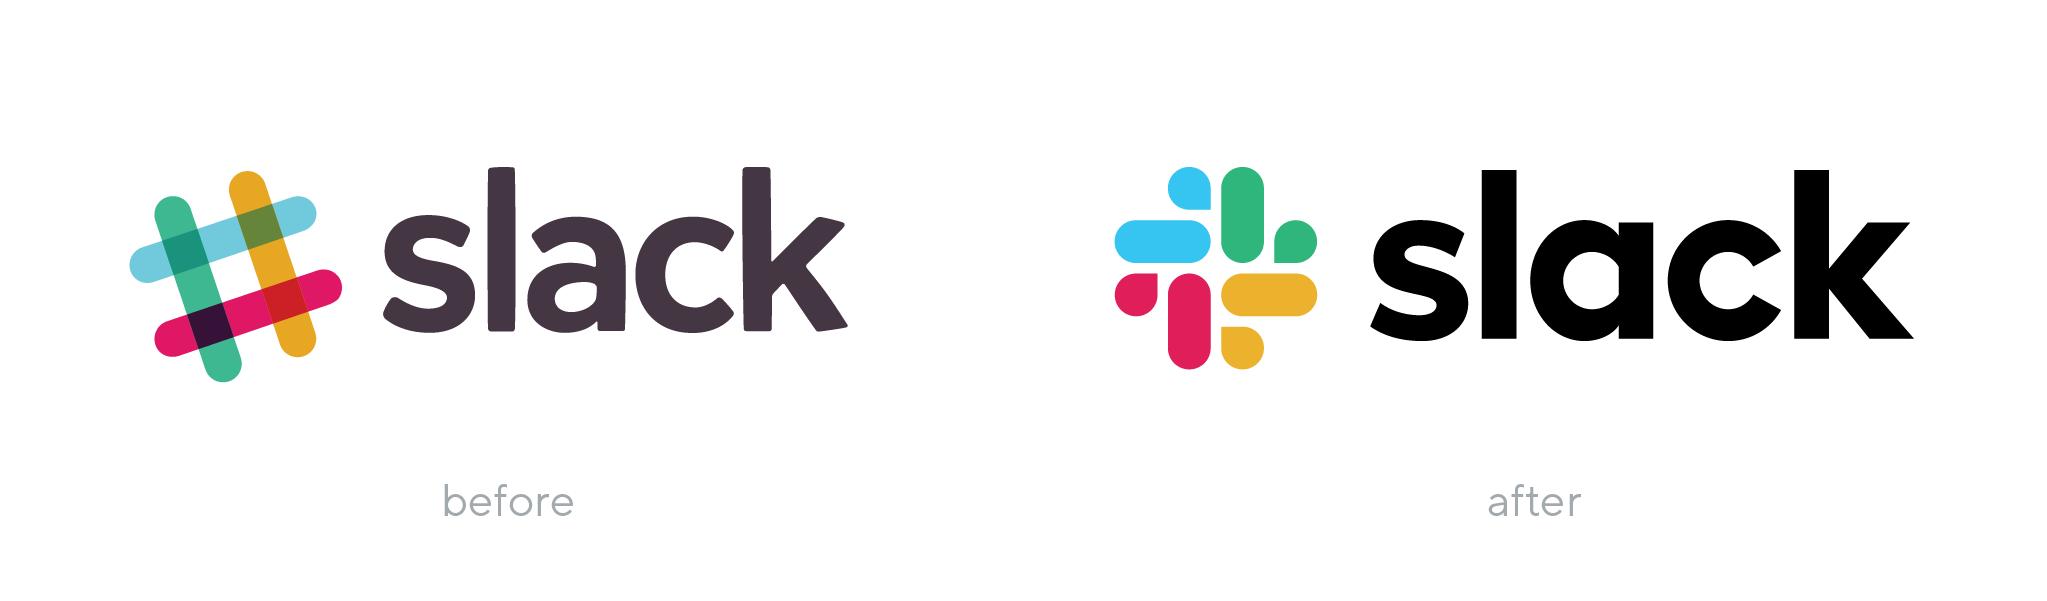 Slack logo before and after rebranding